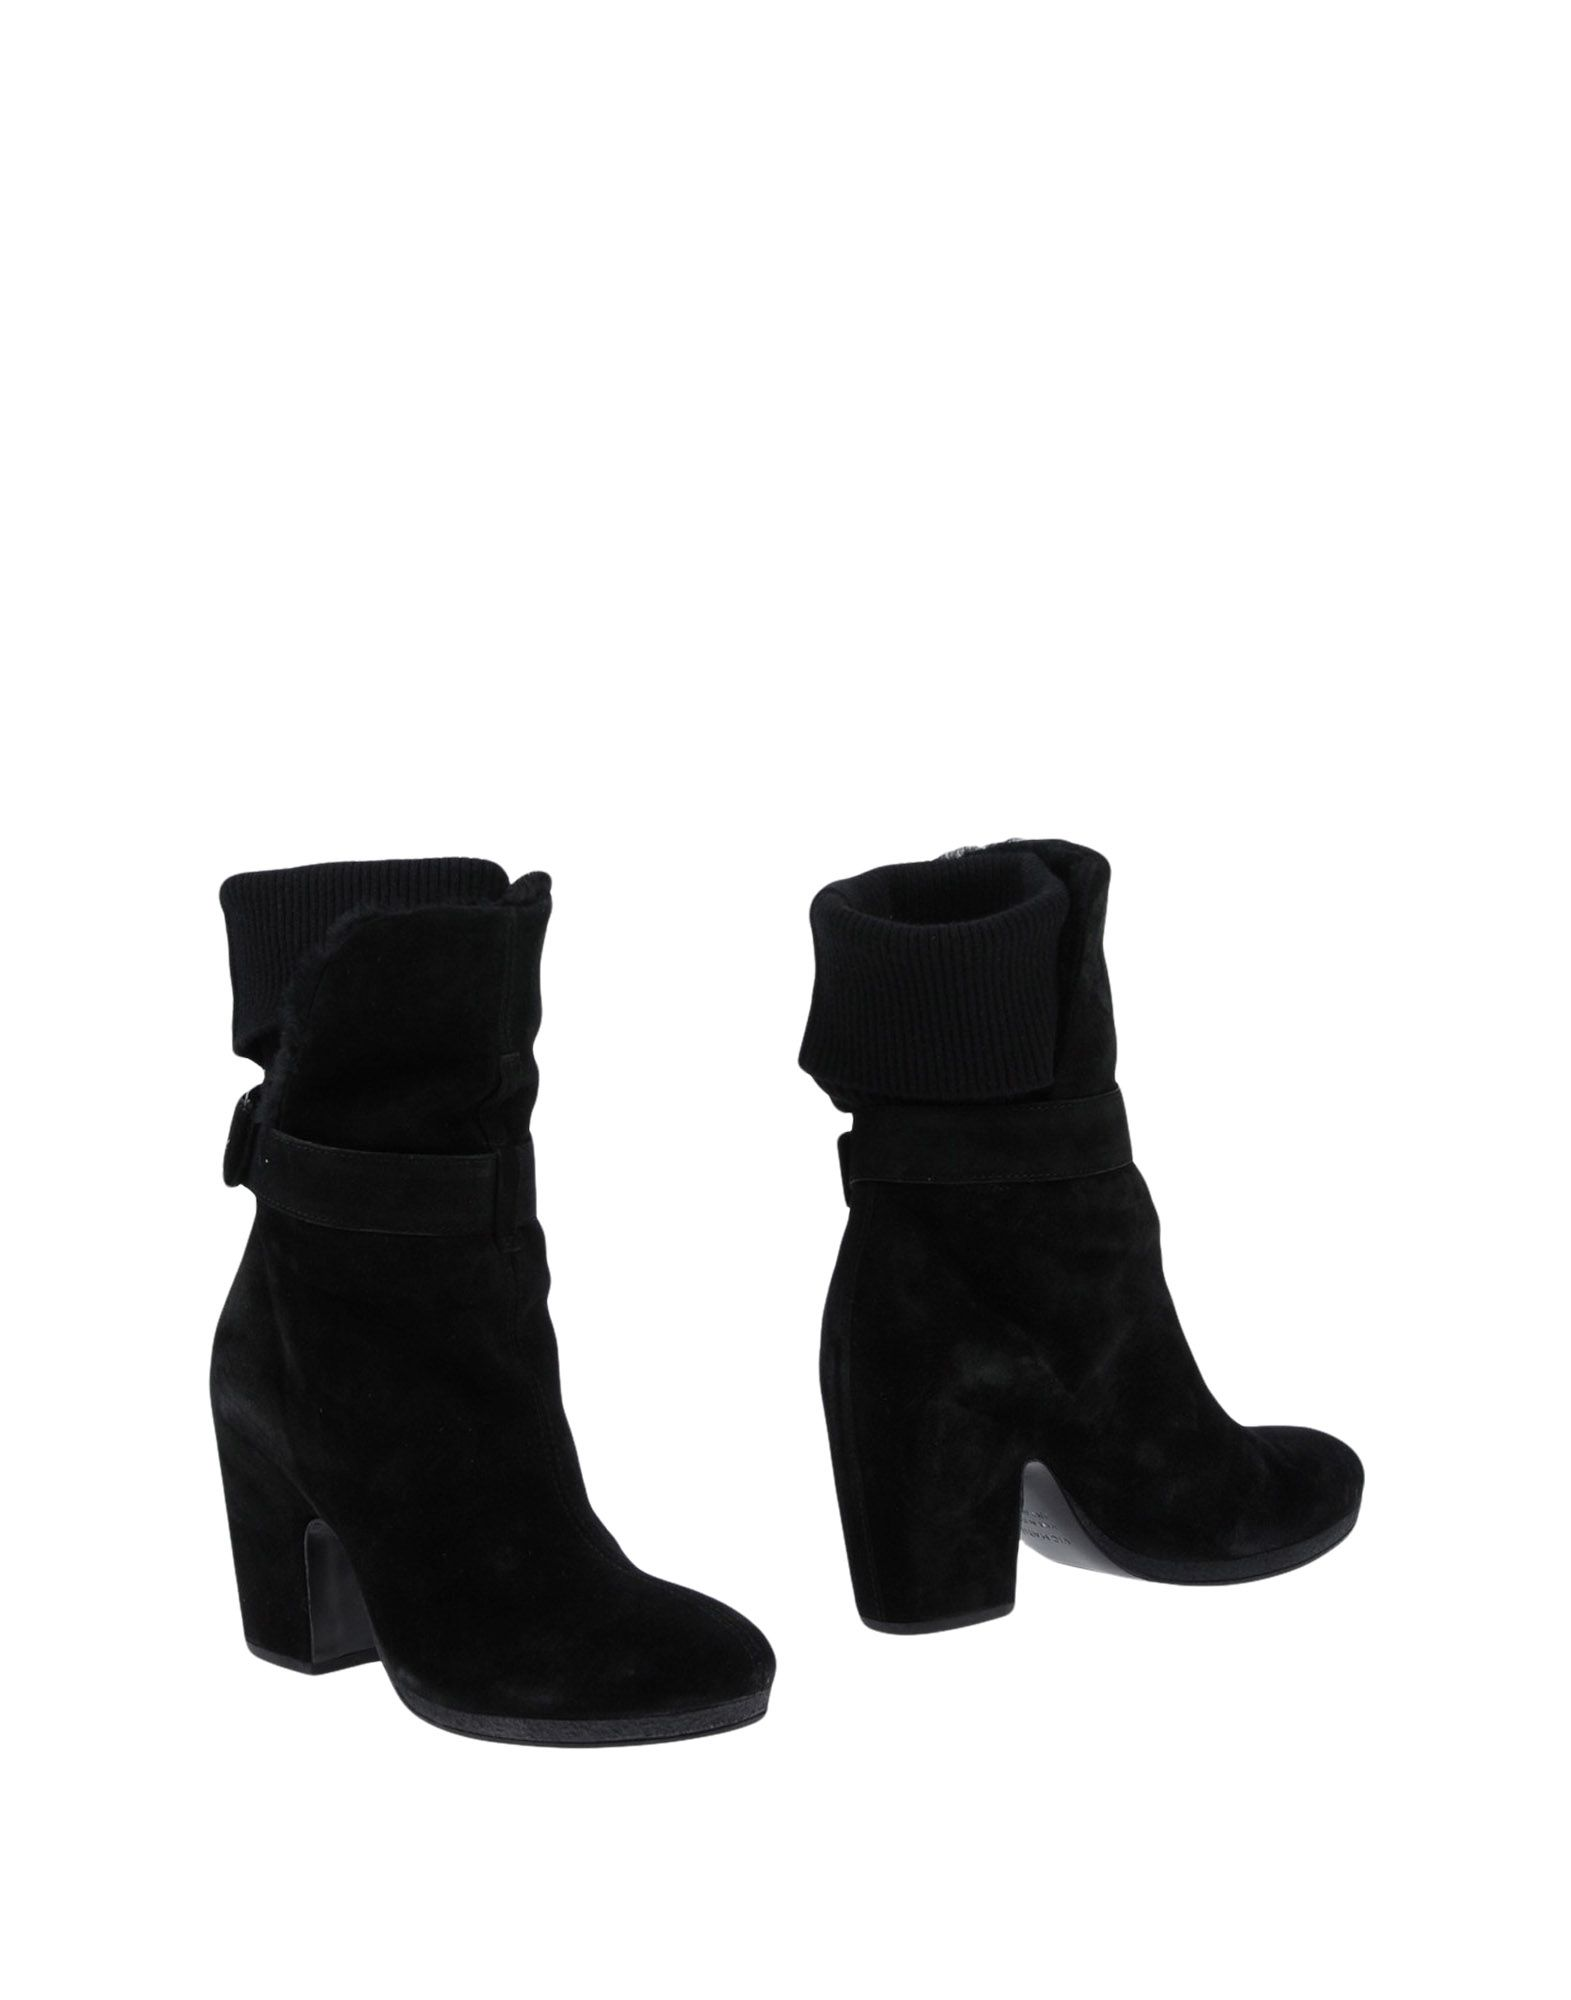 Vic Matiē Stiefelette Damen  11457508BXGut aussehende strapazierfähige Schuhe